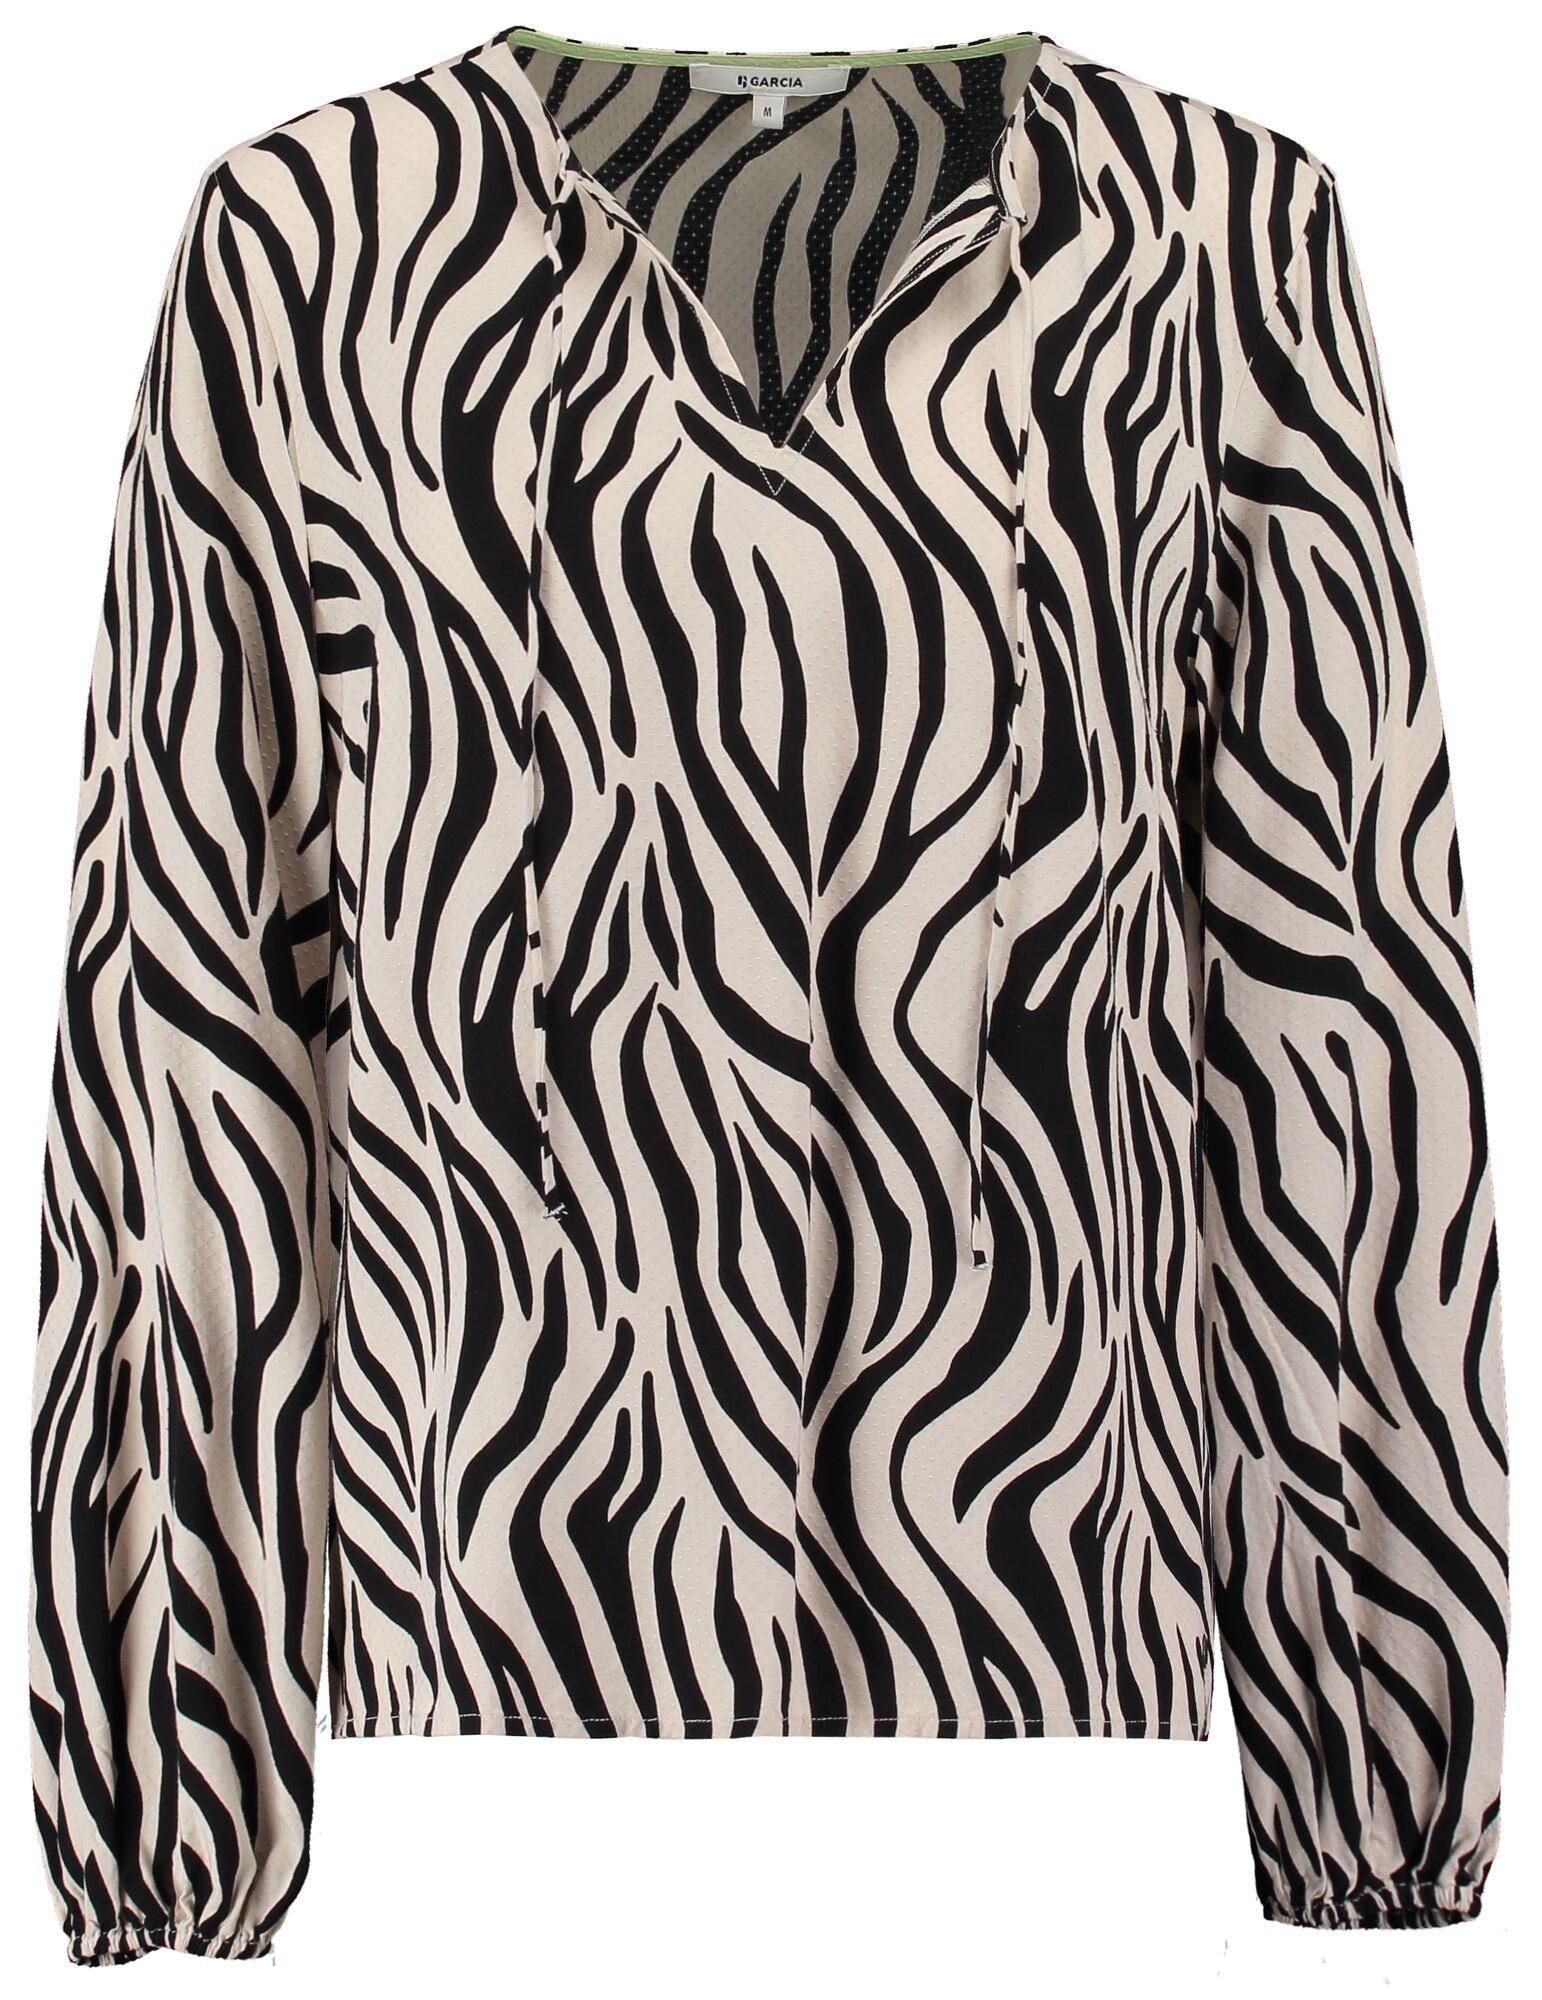 Garcia Klassische Bluse mit allover Print kaufen